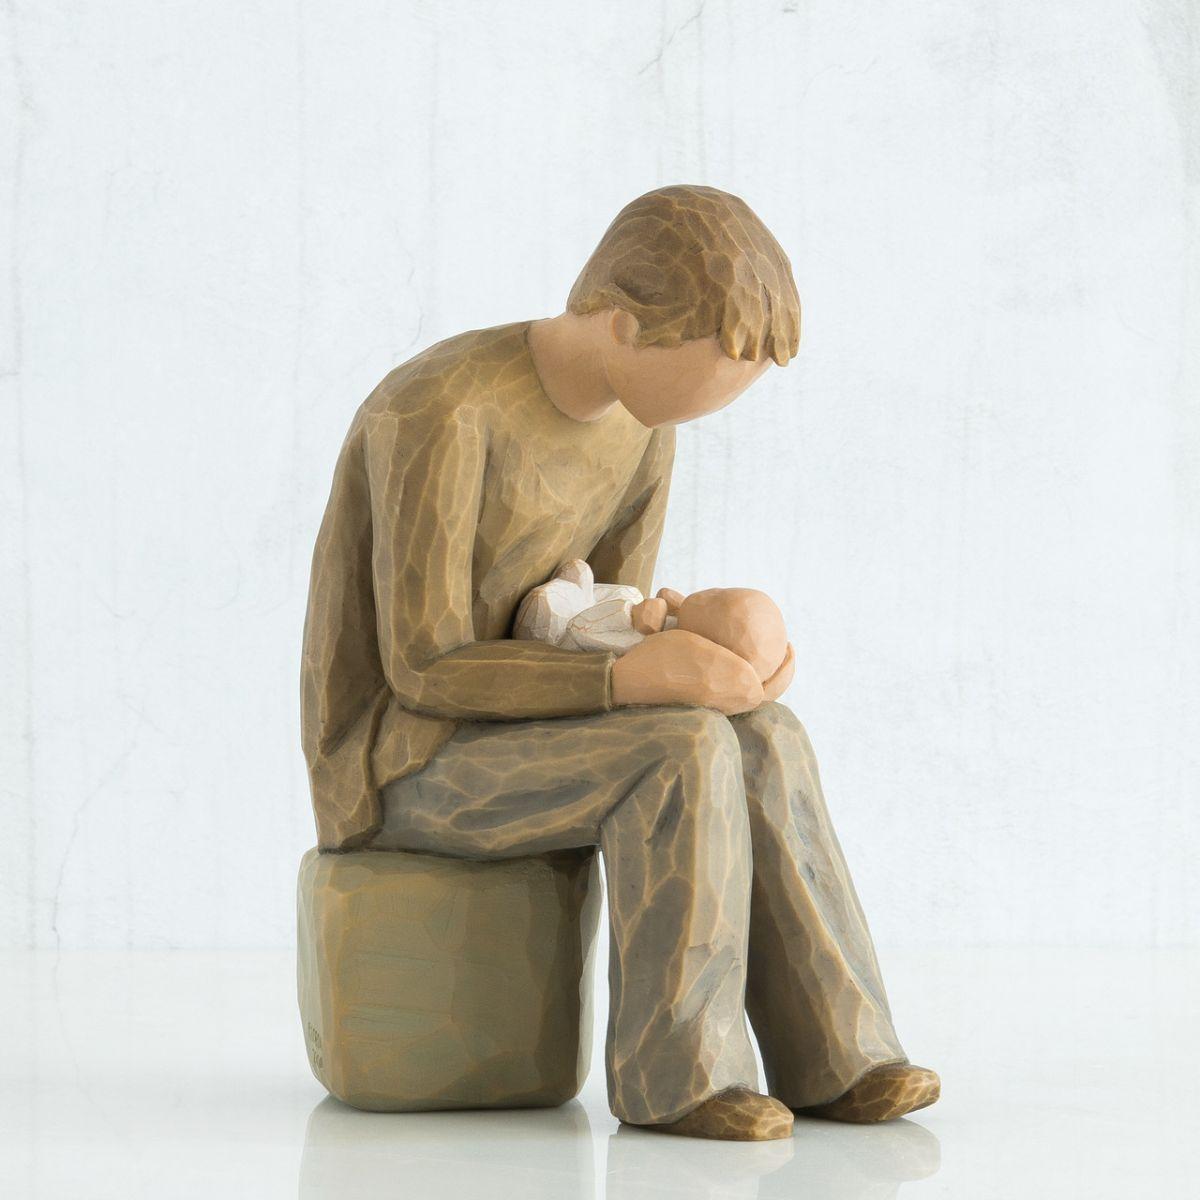 ウィローツリー彫像 【New Dad】 - お父さんだよ